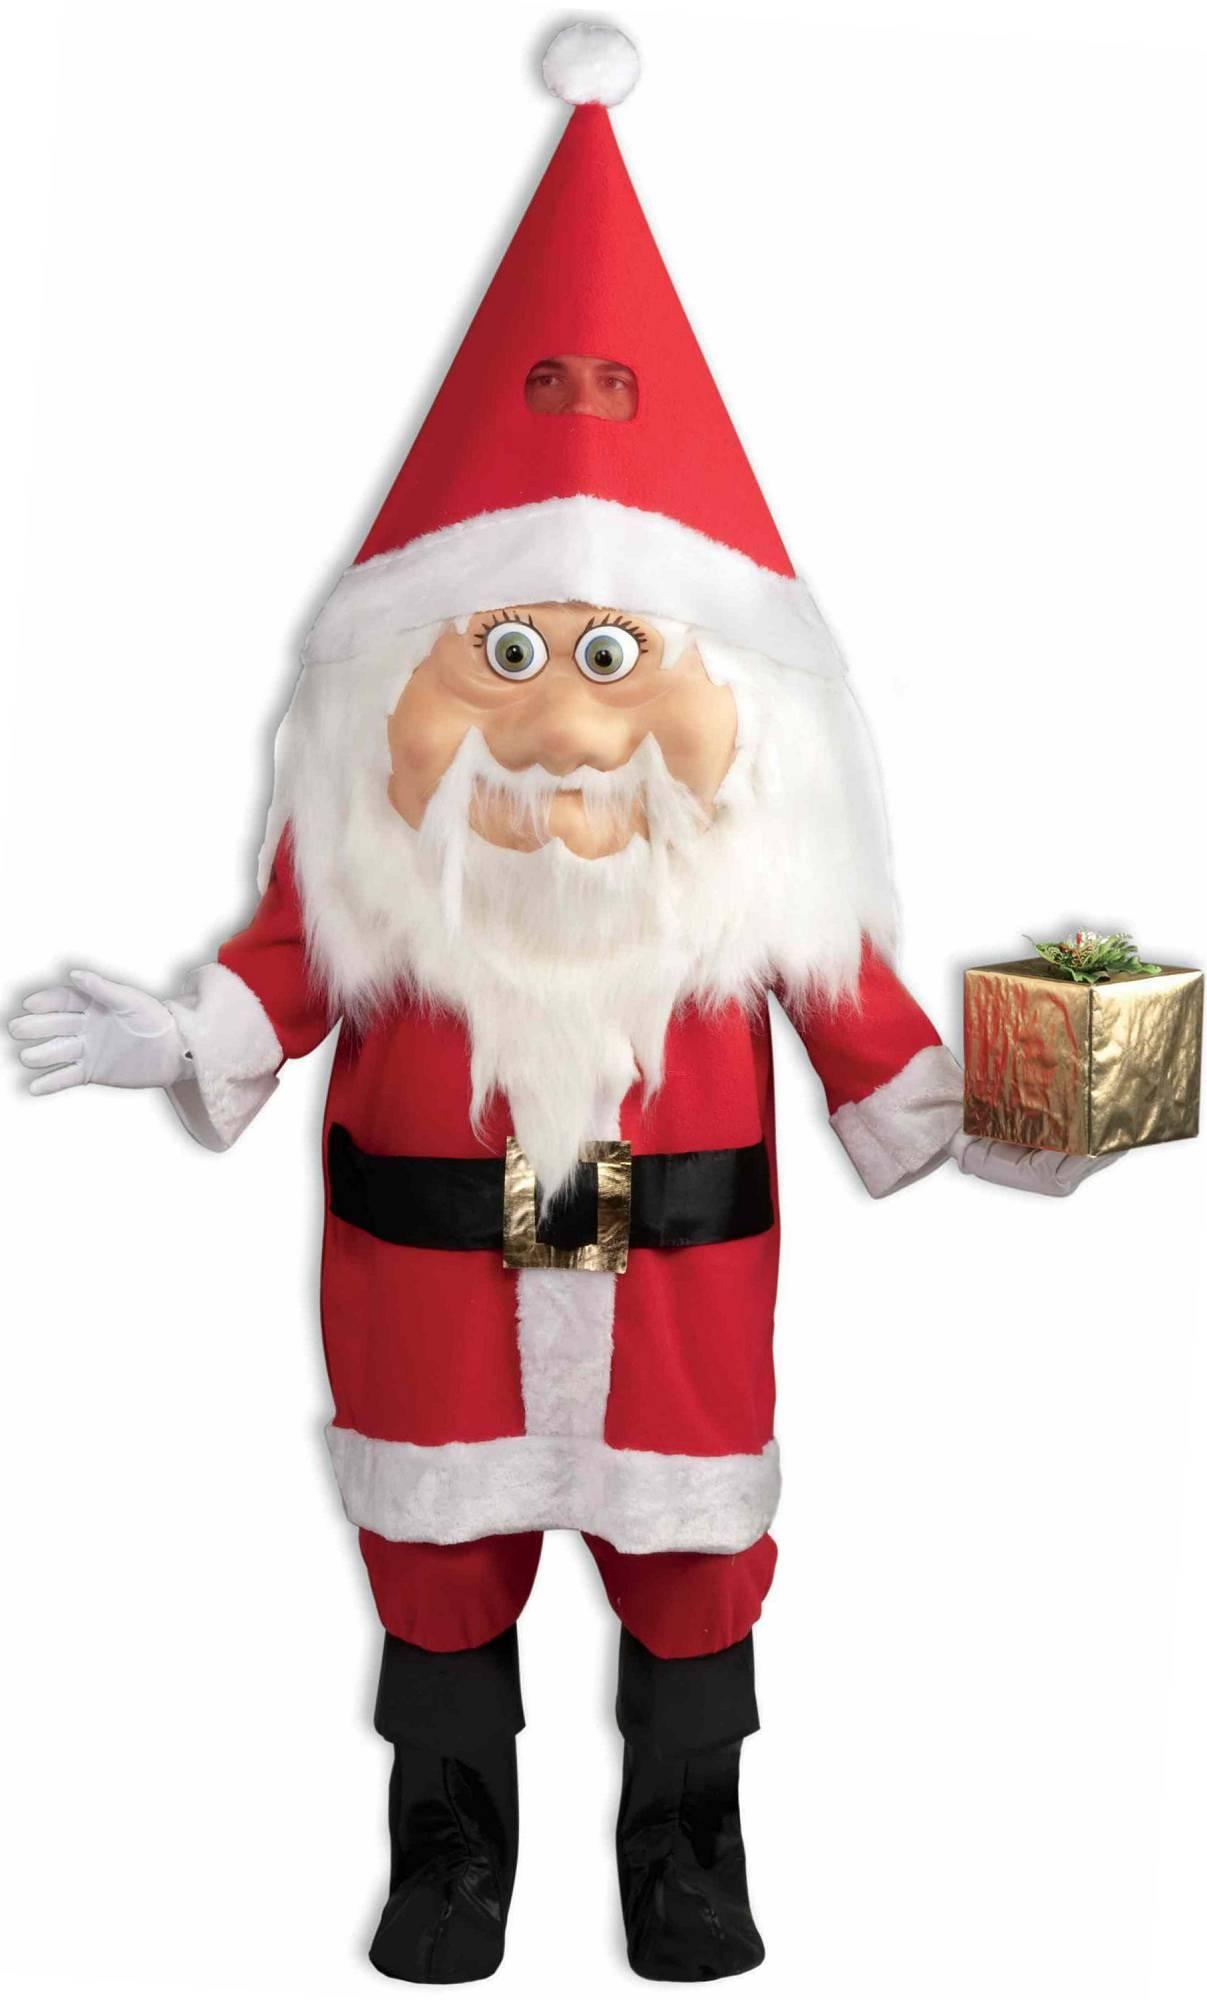 Weihnachtsmannparade-kostüm